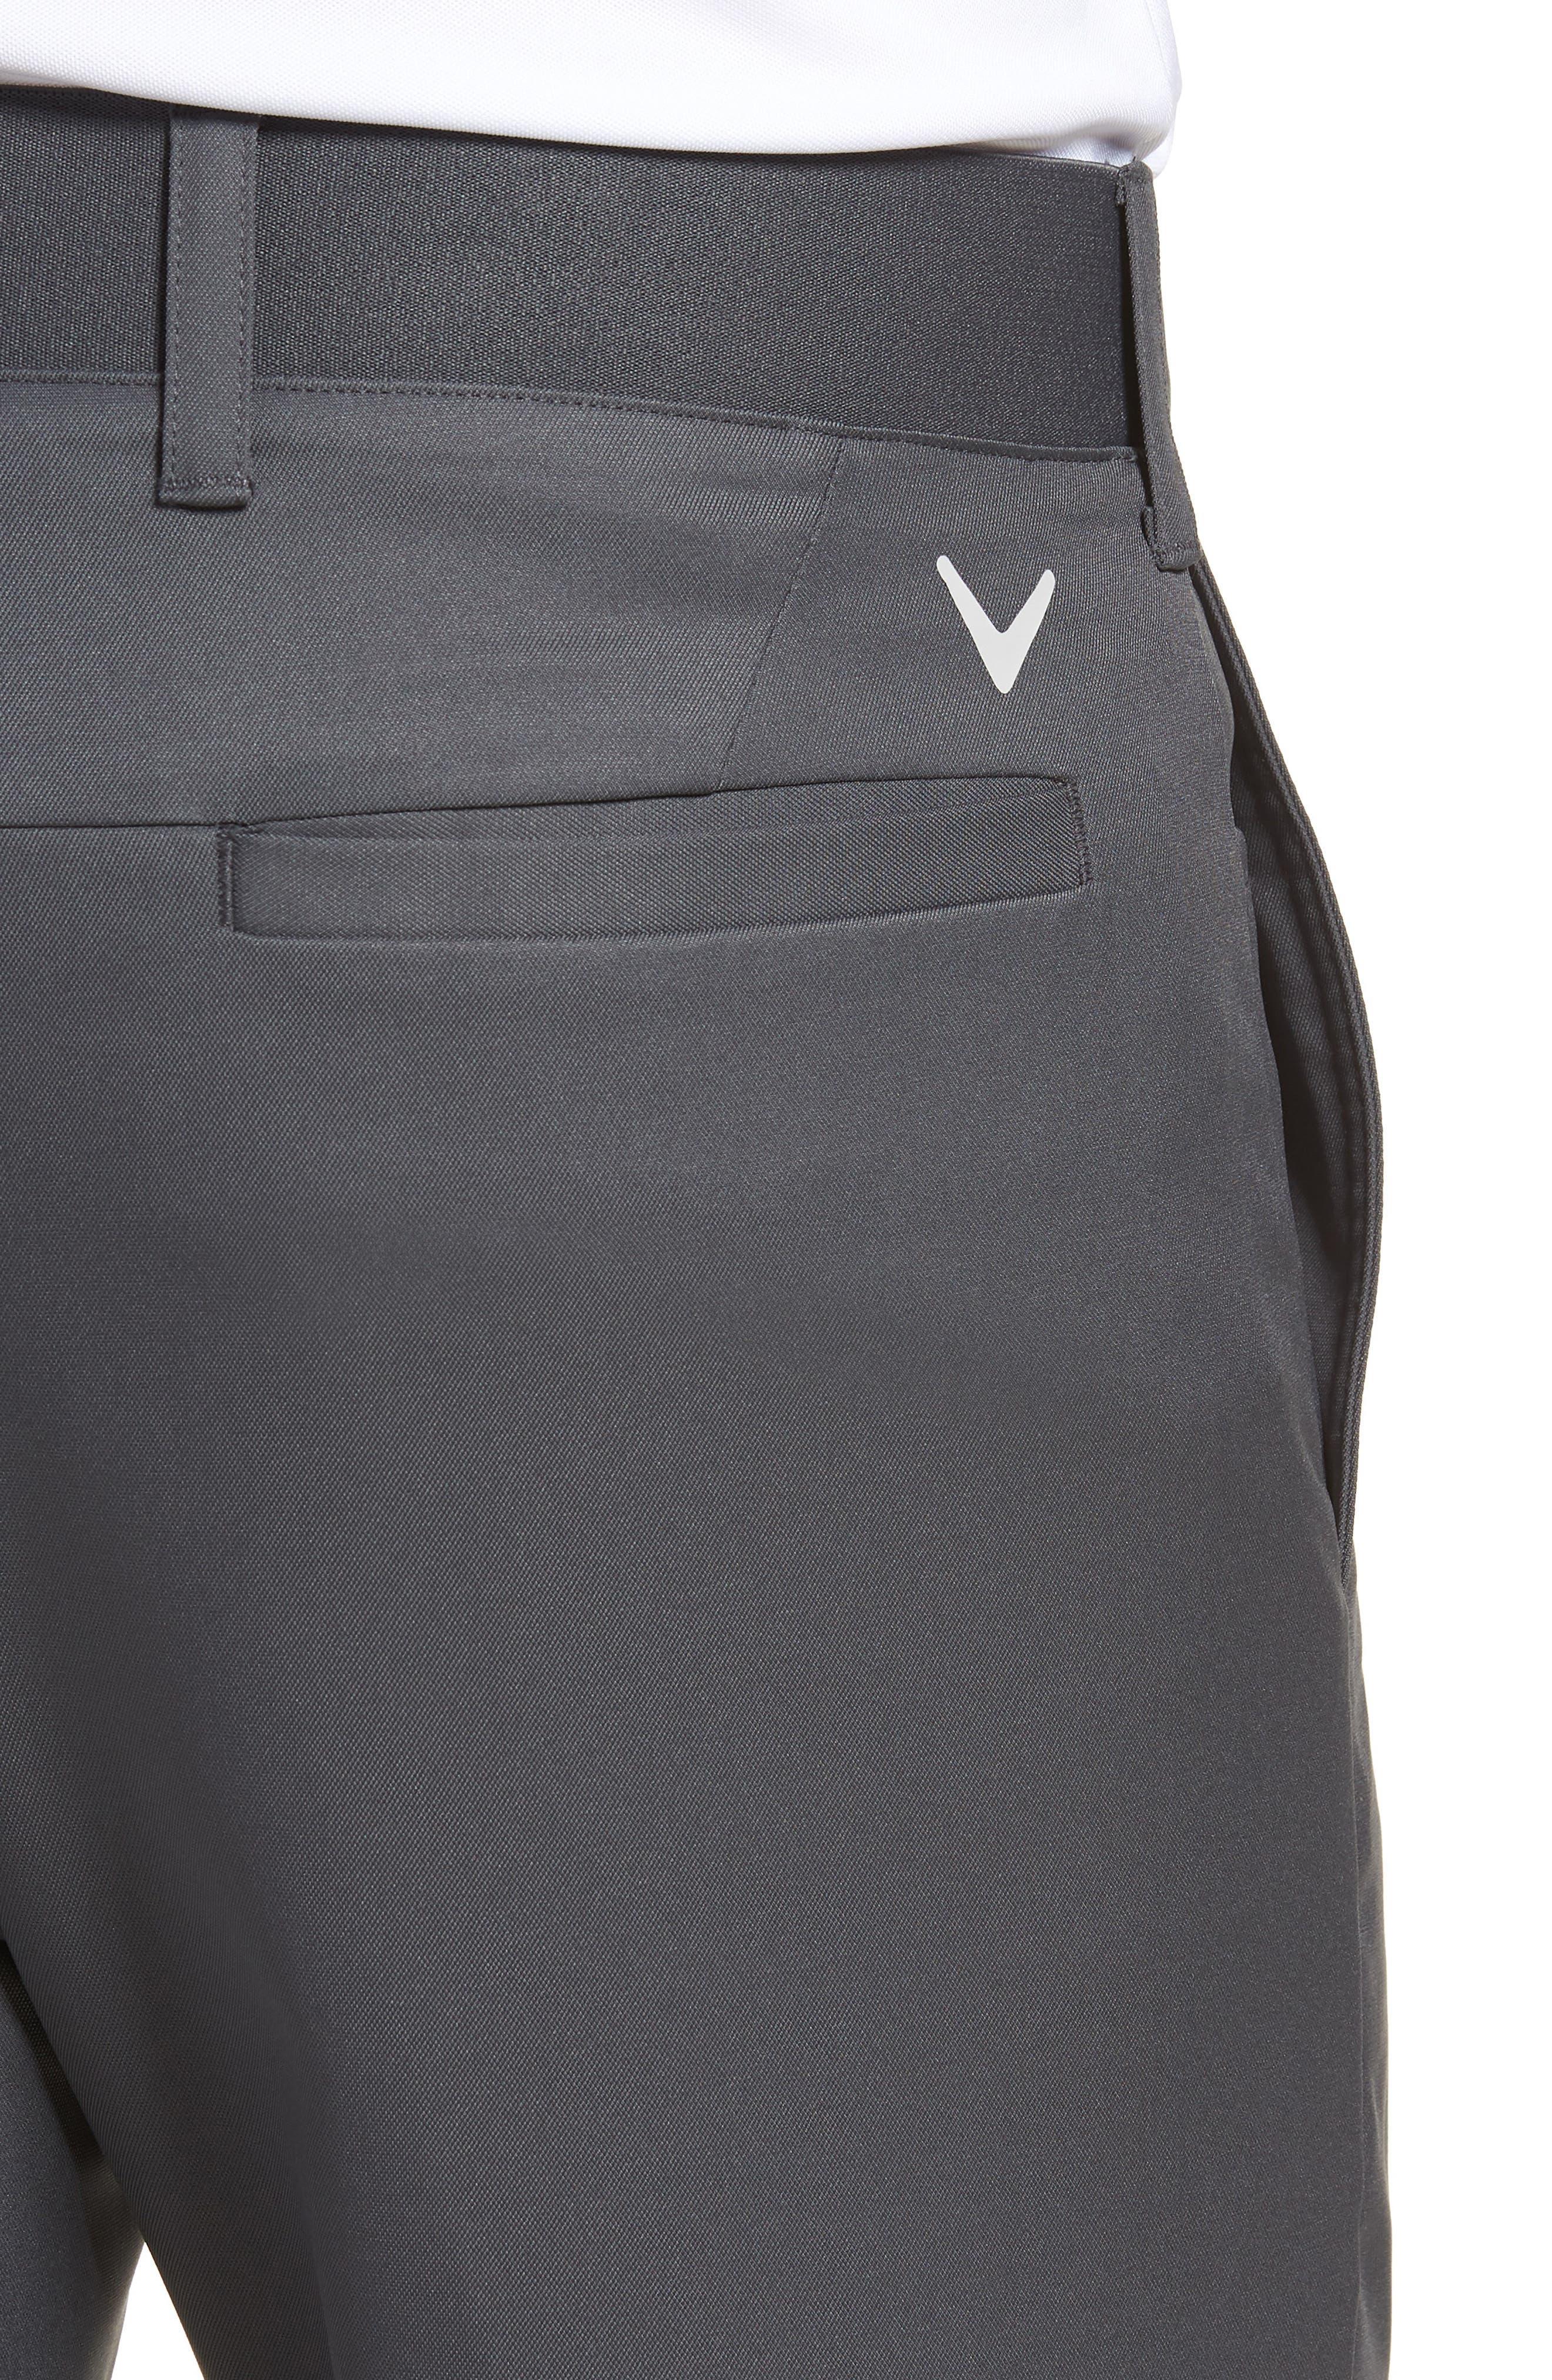 Tech Slim Fit Pants,                             Alternate thumbnail 11, color,